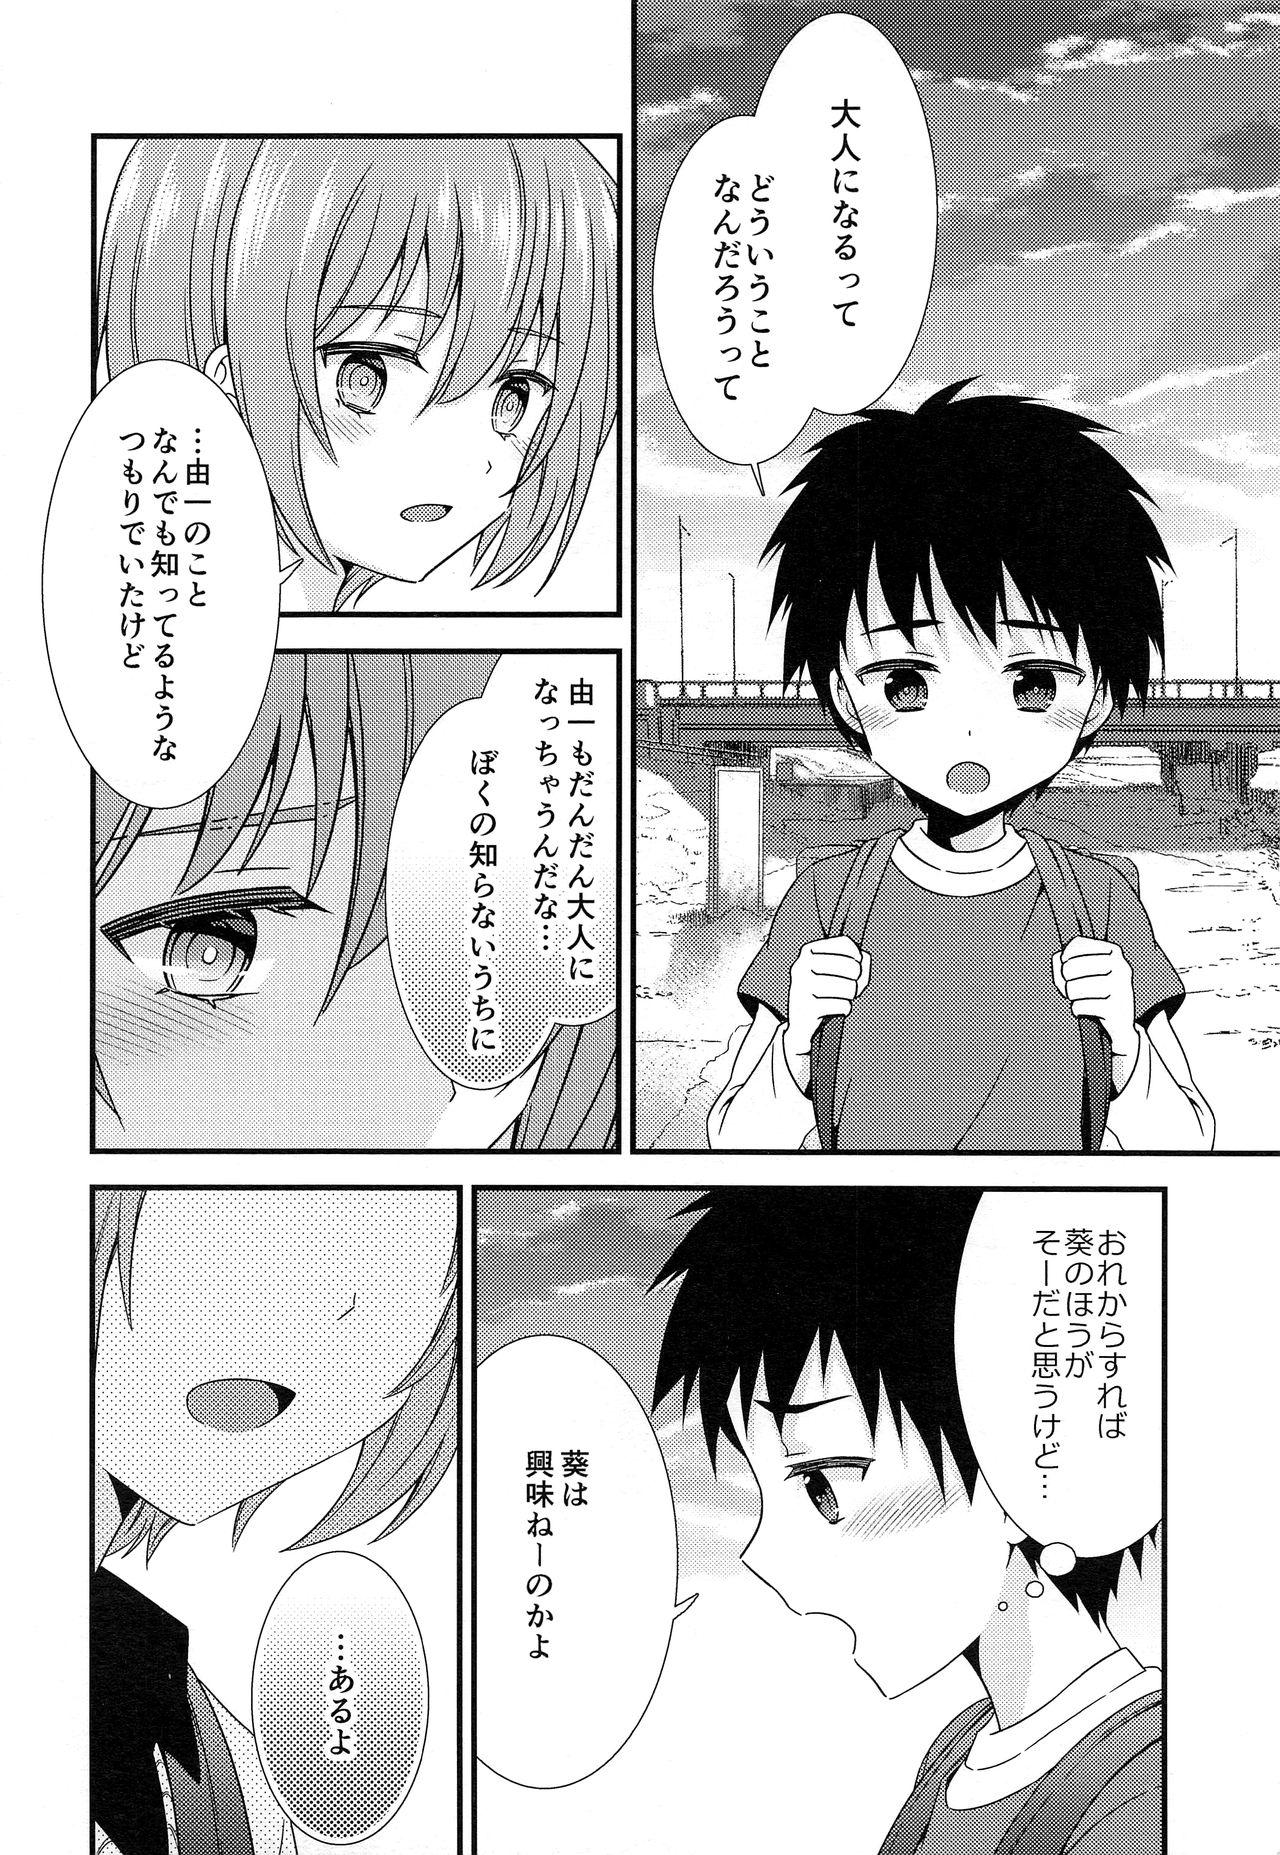 Yuujou no Hate ni Kimi to Sex shita 6